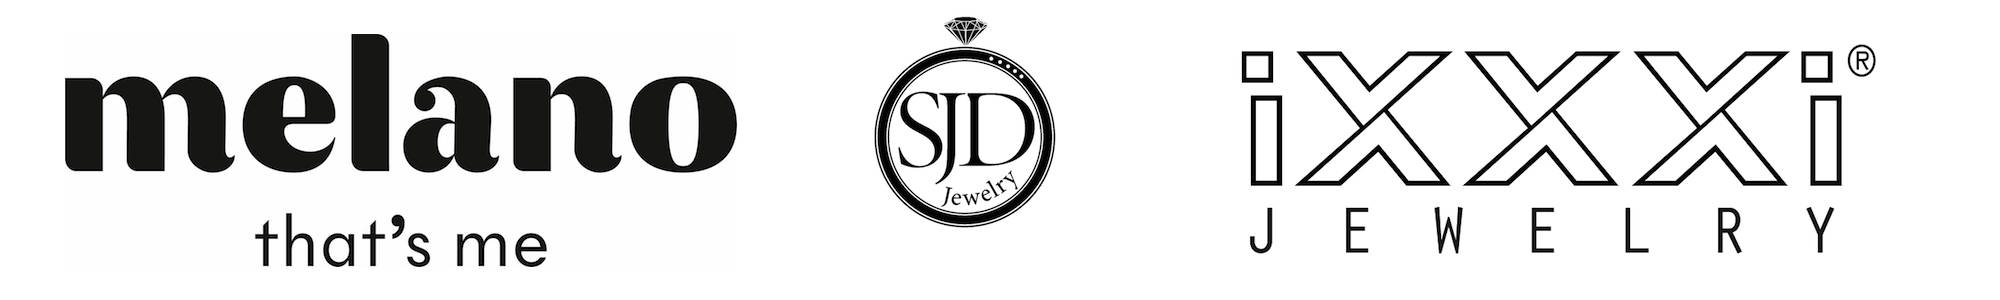 SJD Jewelry